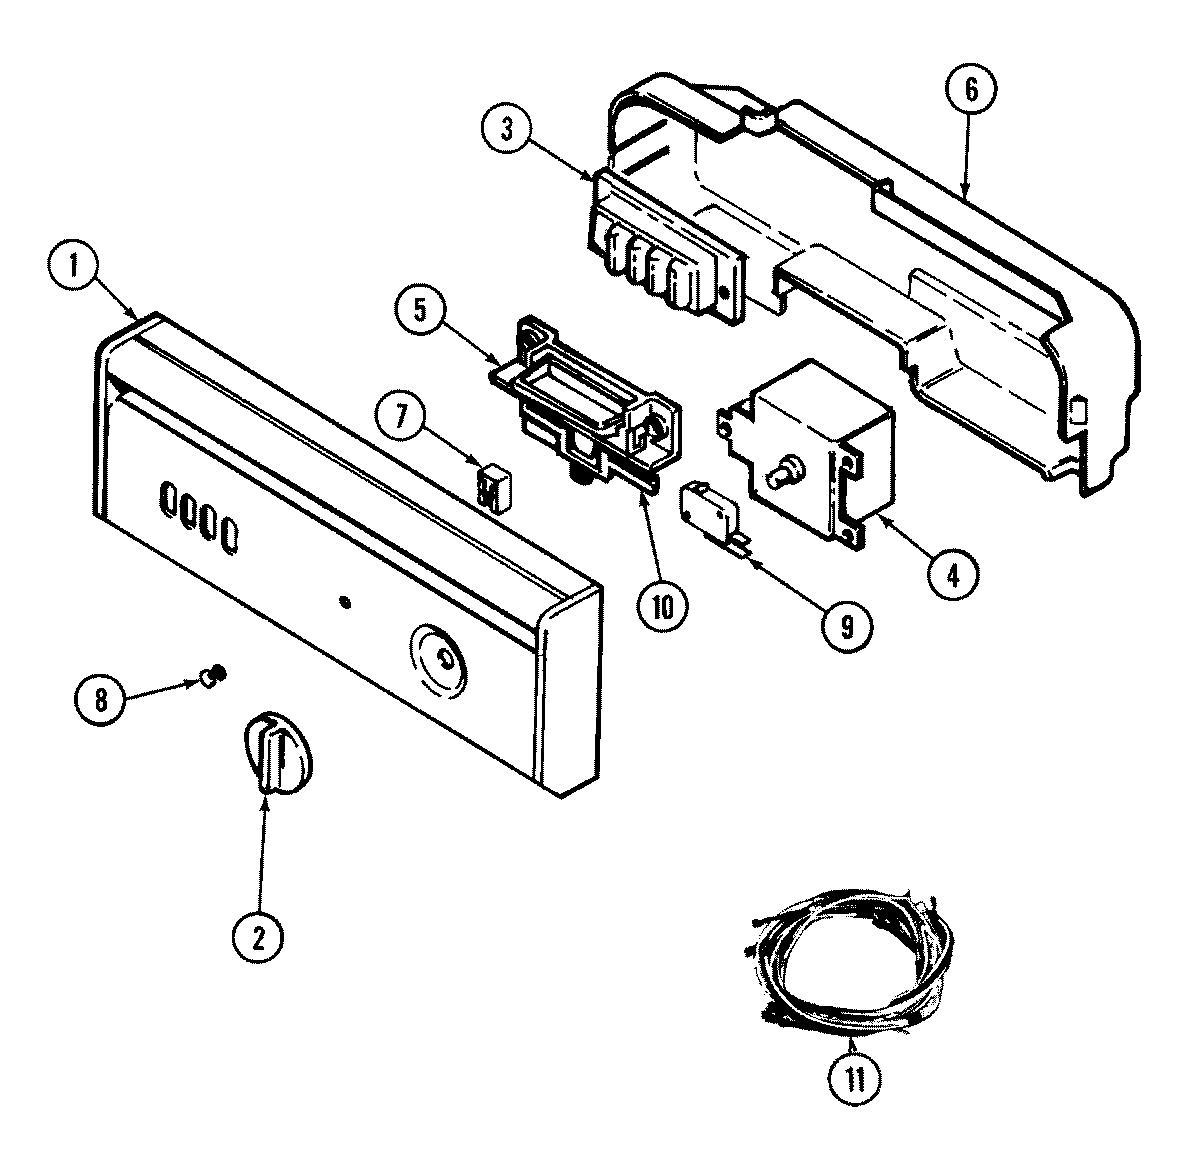 Maytag model DWU7400AAX dishwasher genuine parts